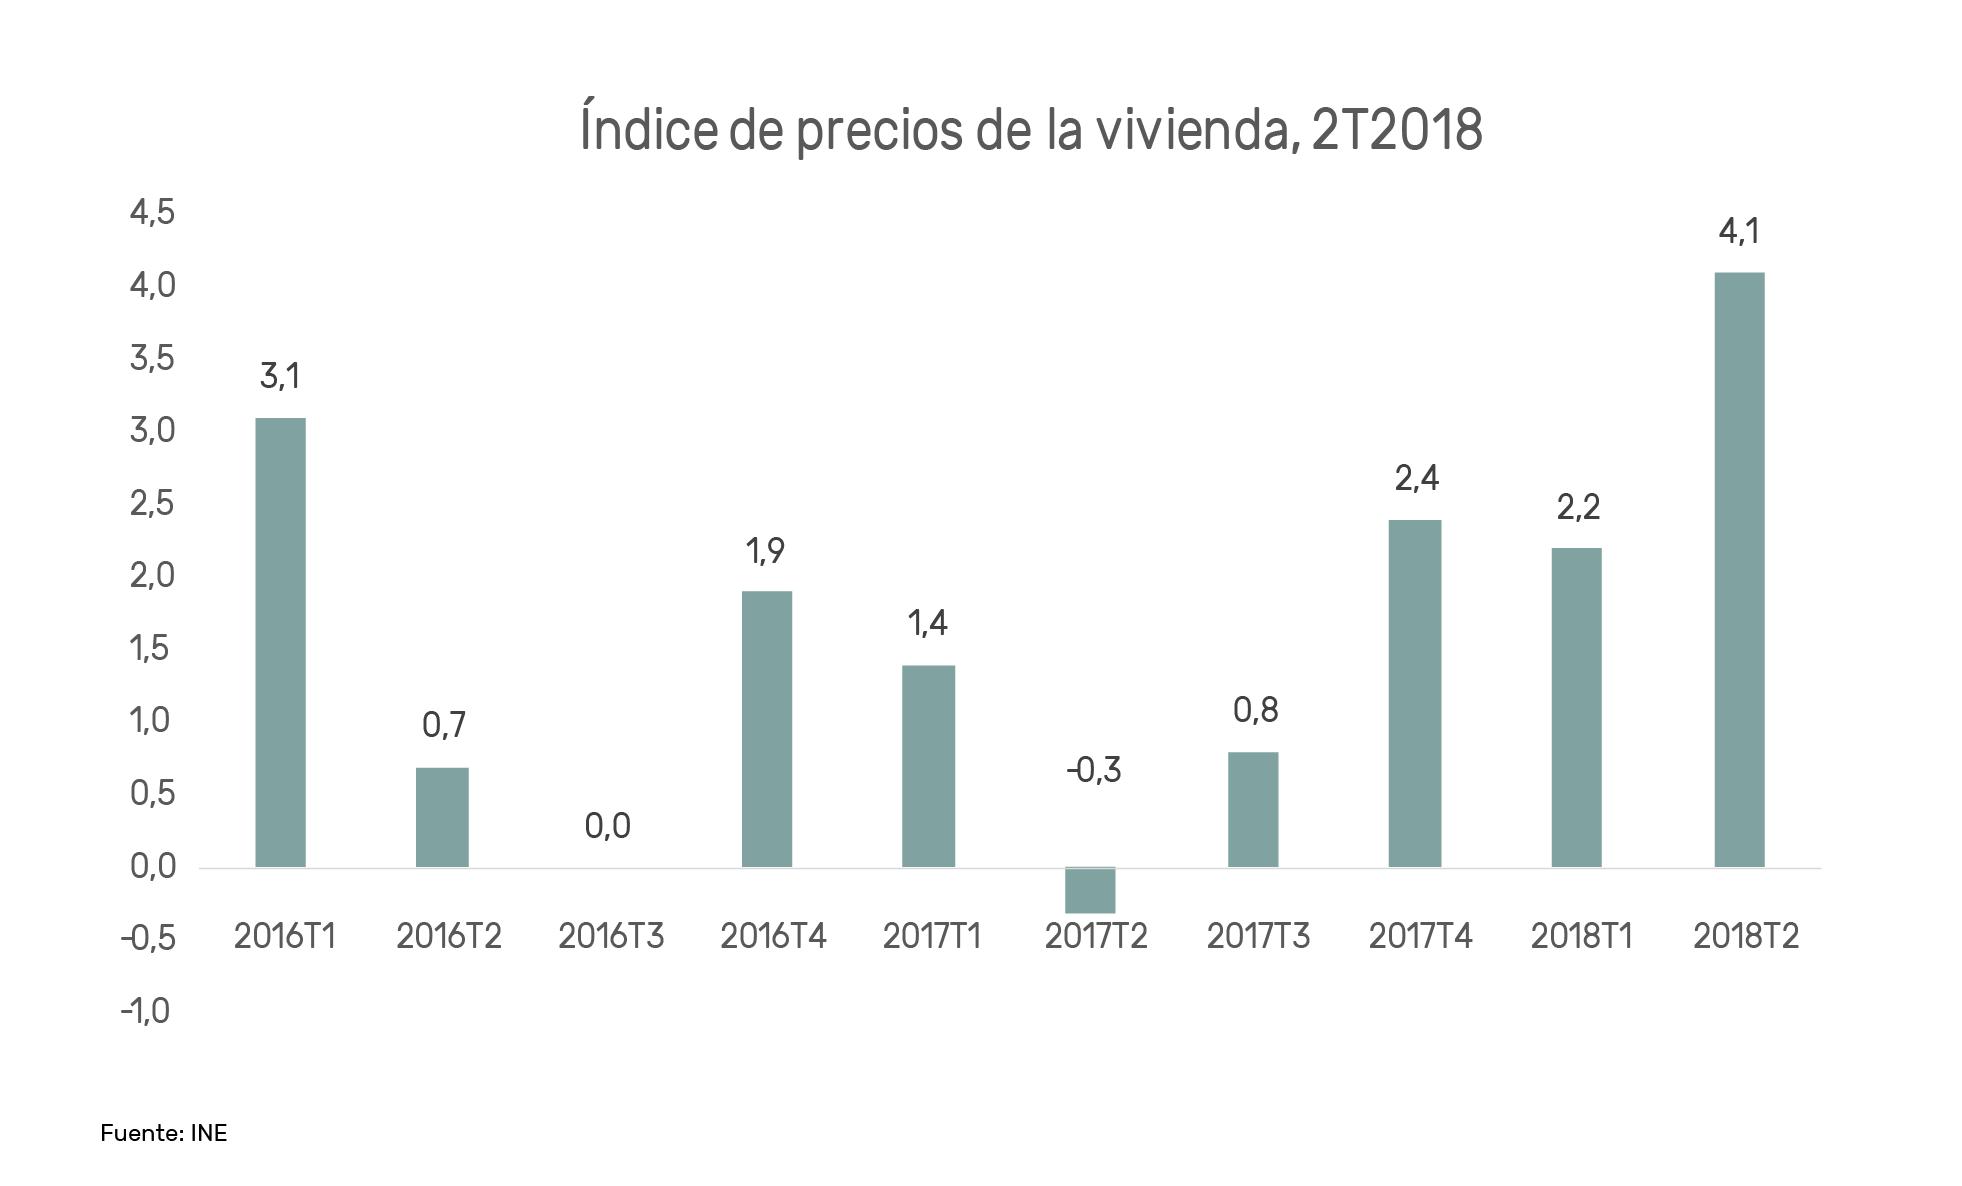 Invertir en Asturias, índice de precios de la vivienda housers